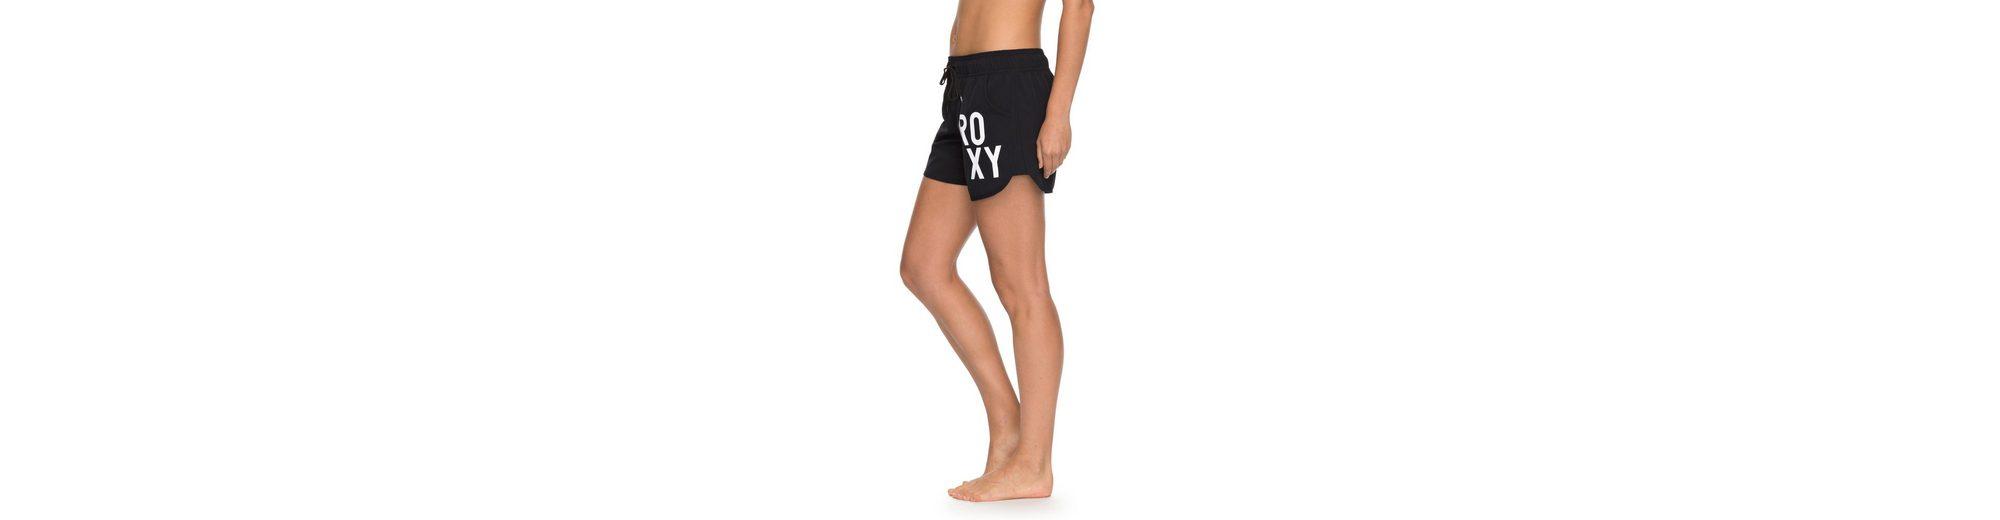 Roxy Boardshorts Solid 5 Billig Vermarktbare Verkauf Exklusiv Verkauf Echt iKsxlZ4Kw